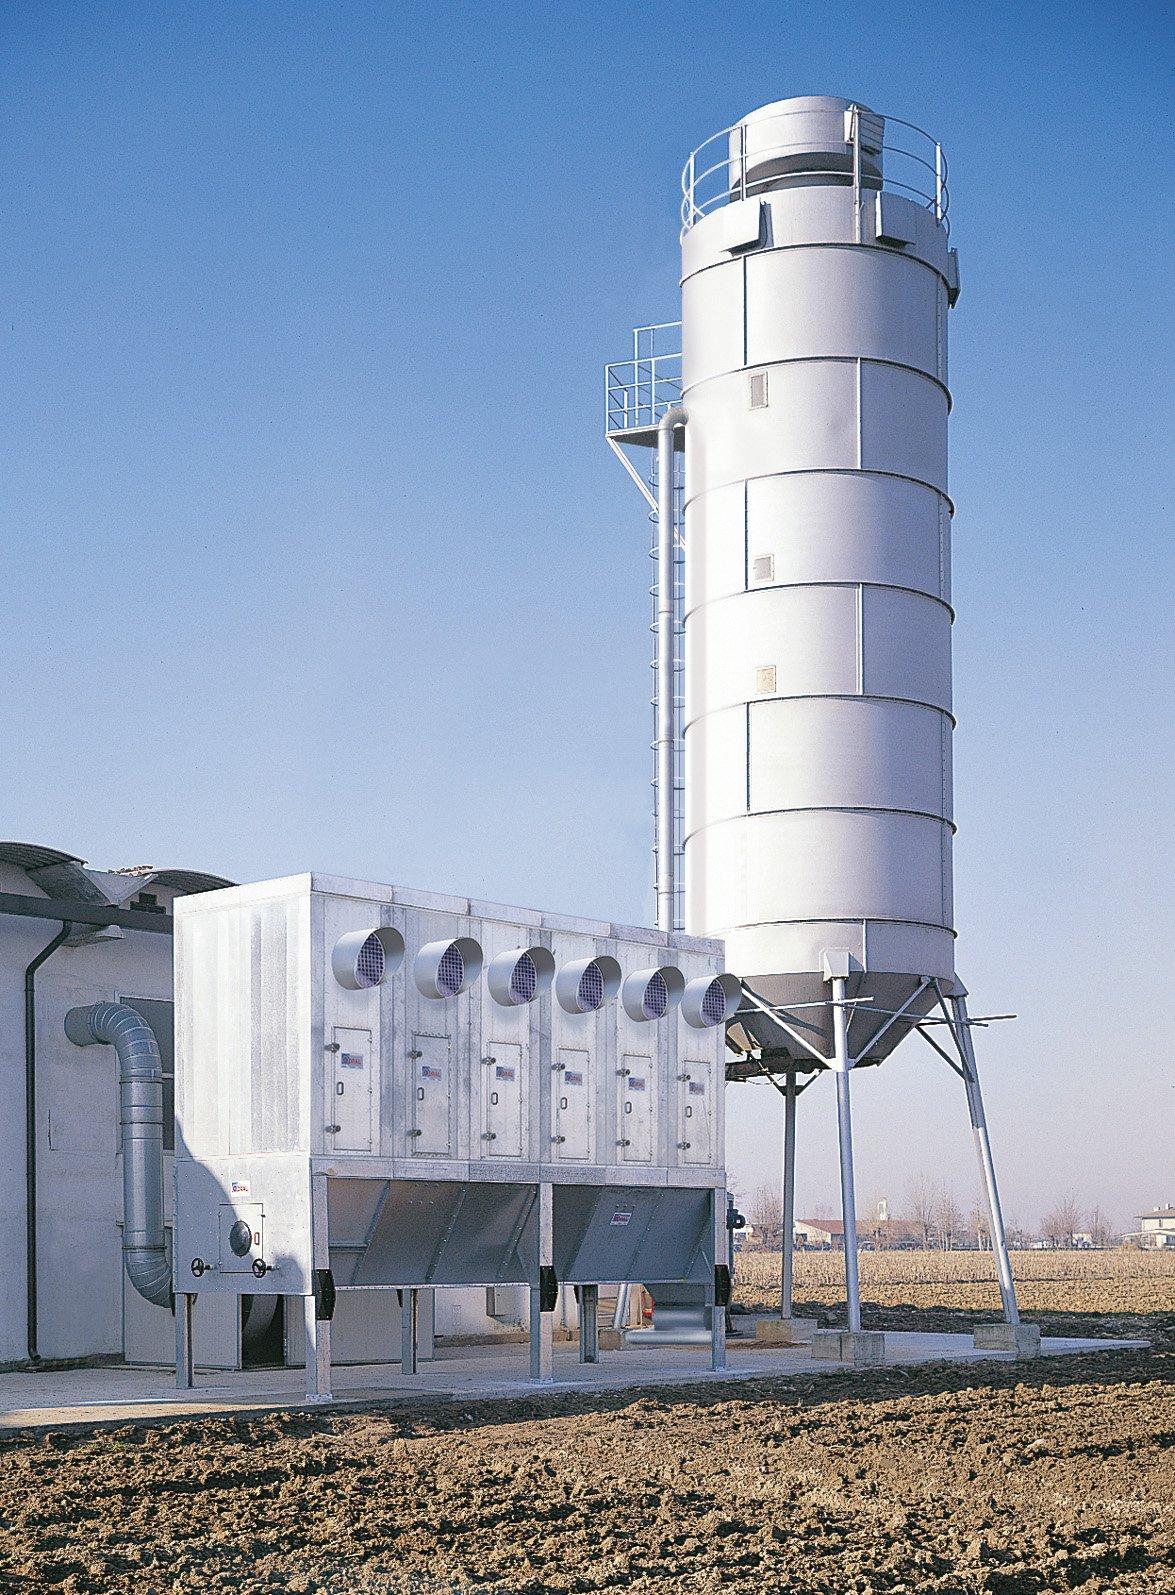 Sottostazione e silos di contenimento